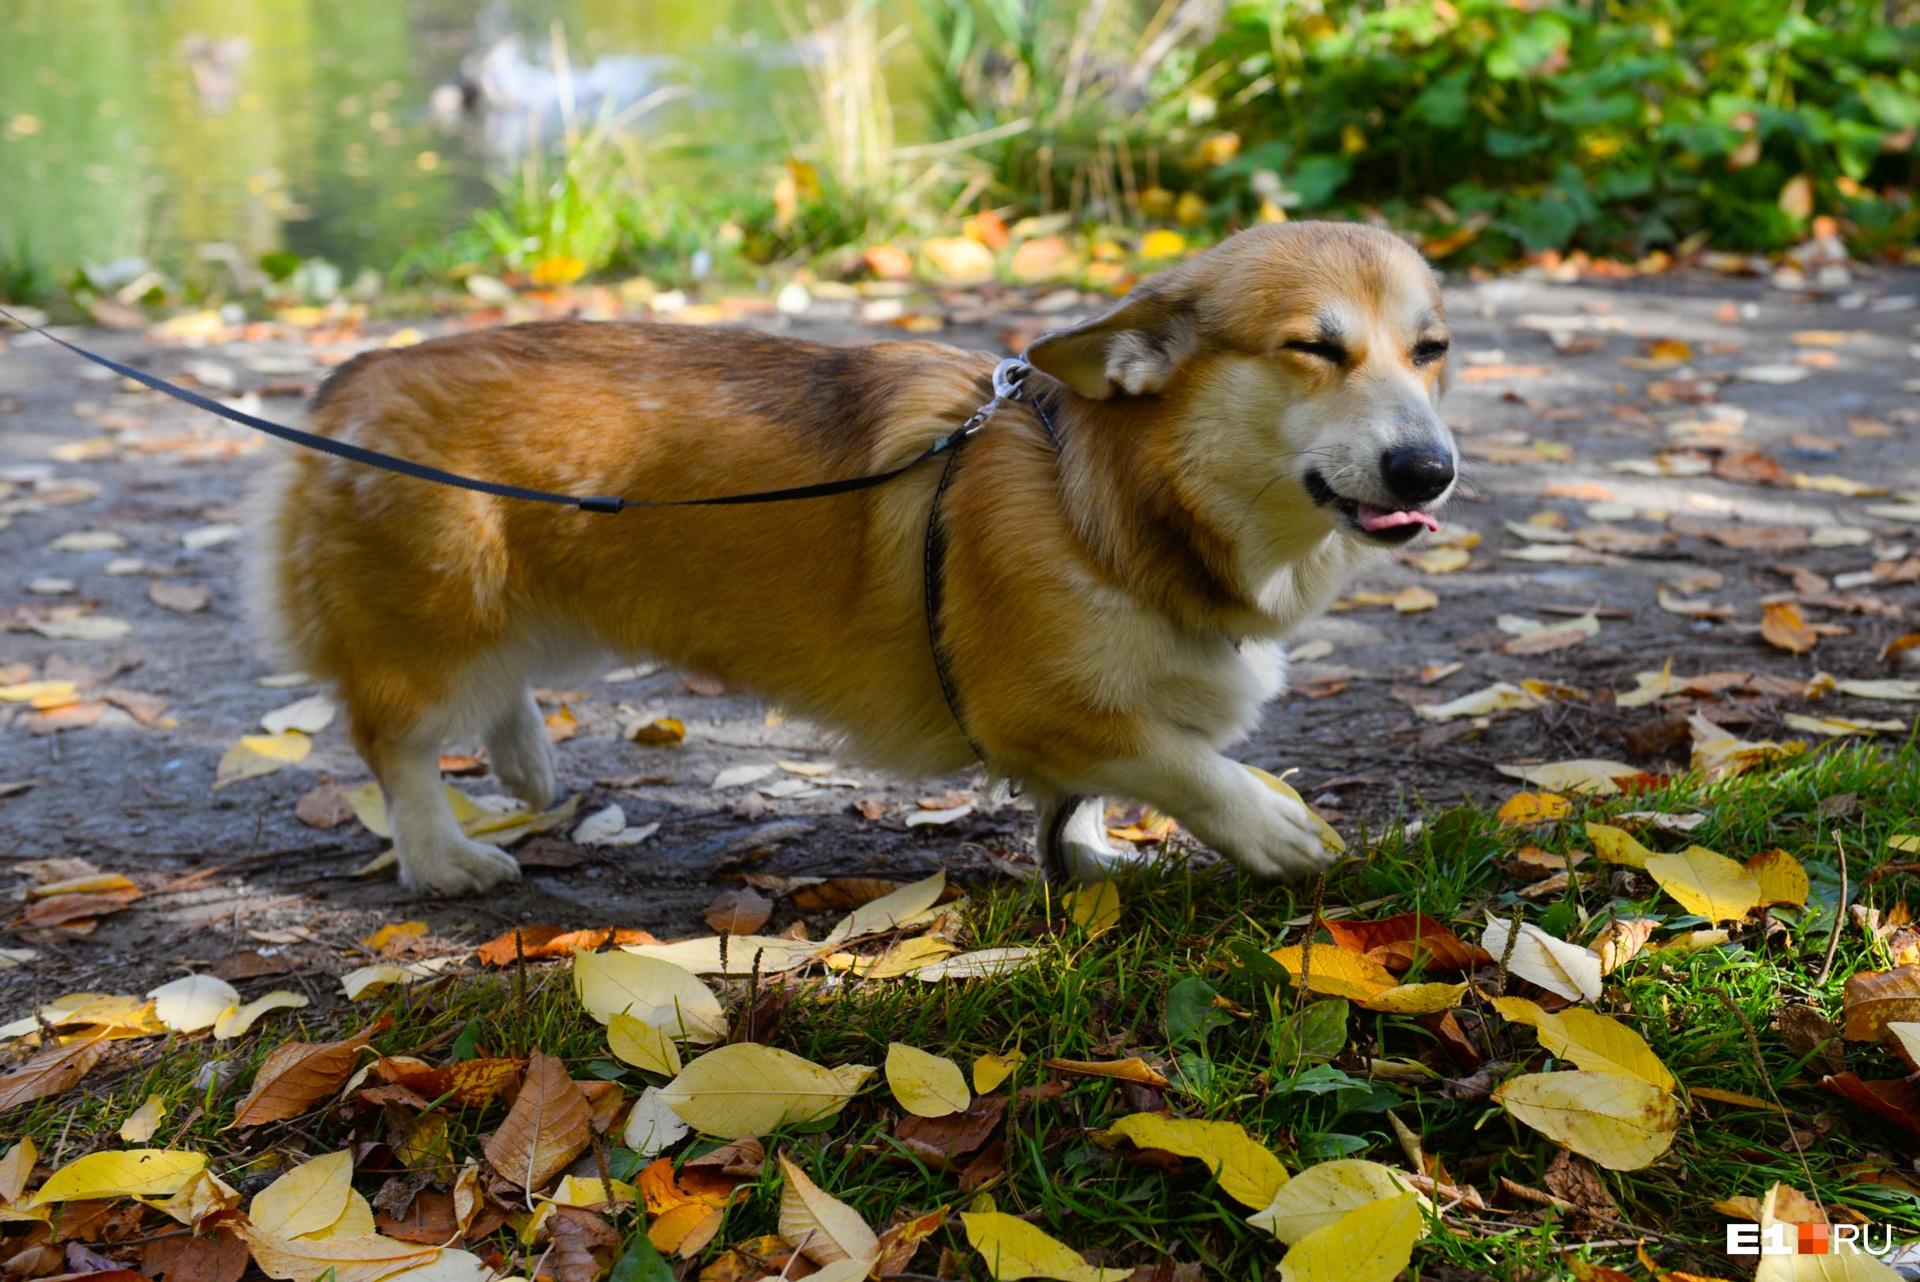 Если хотите кормить собаку натуральной едой, то составьте рацион вместе с ветеринаром